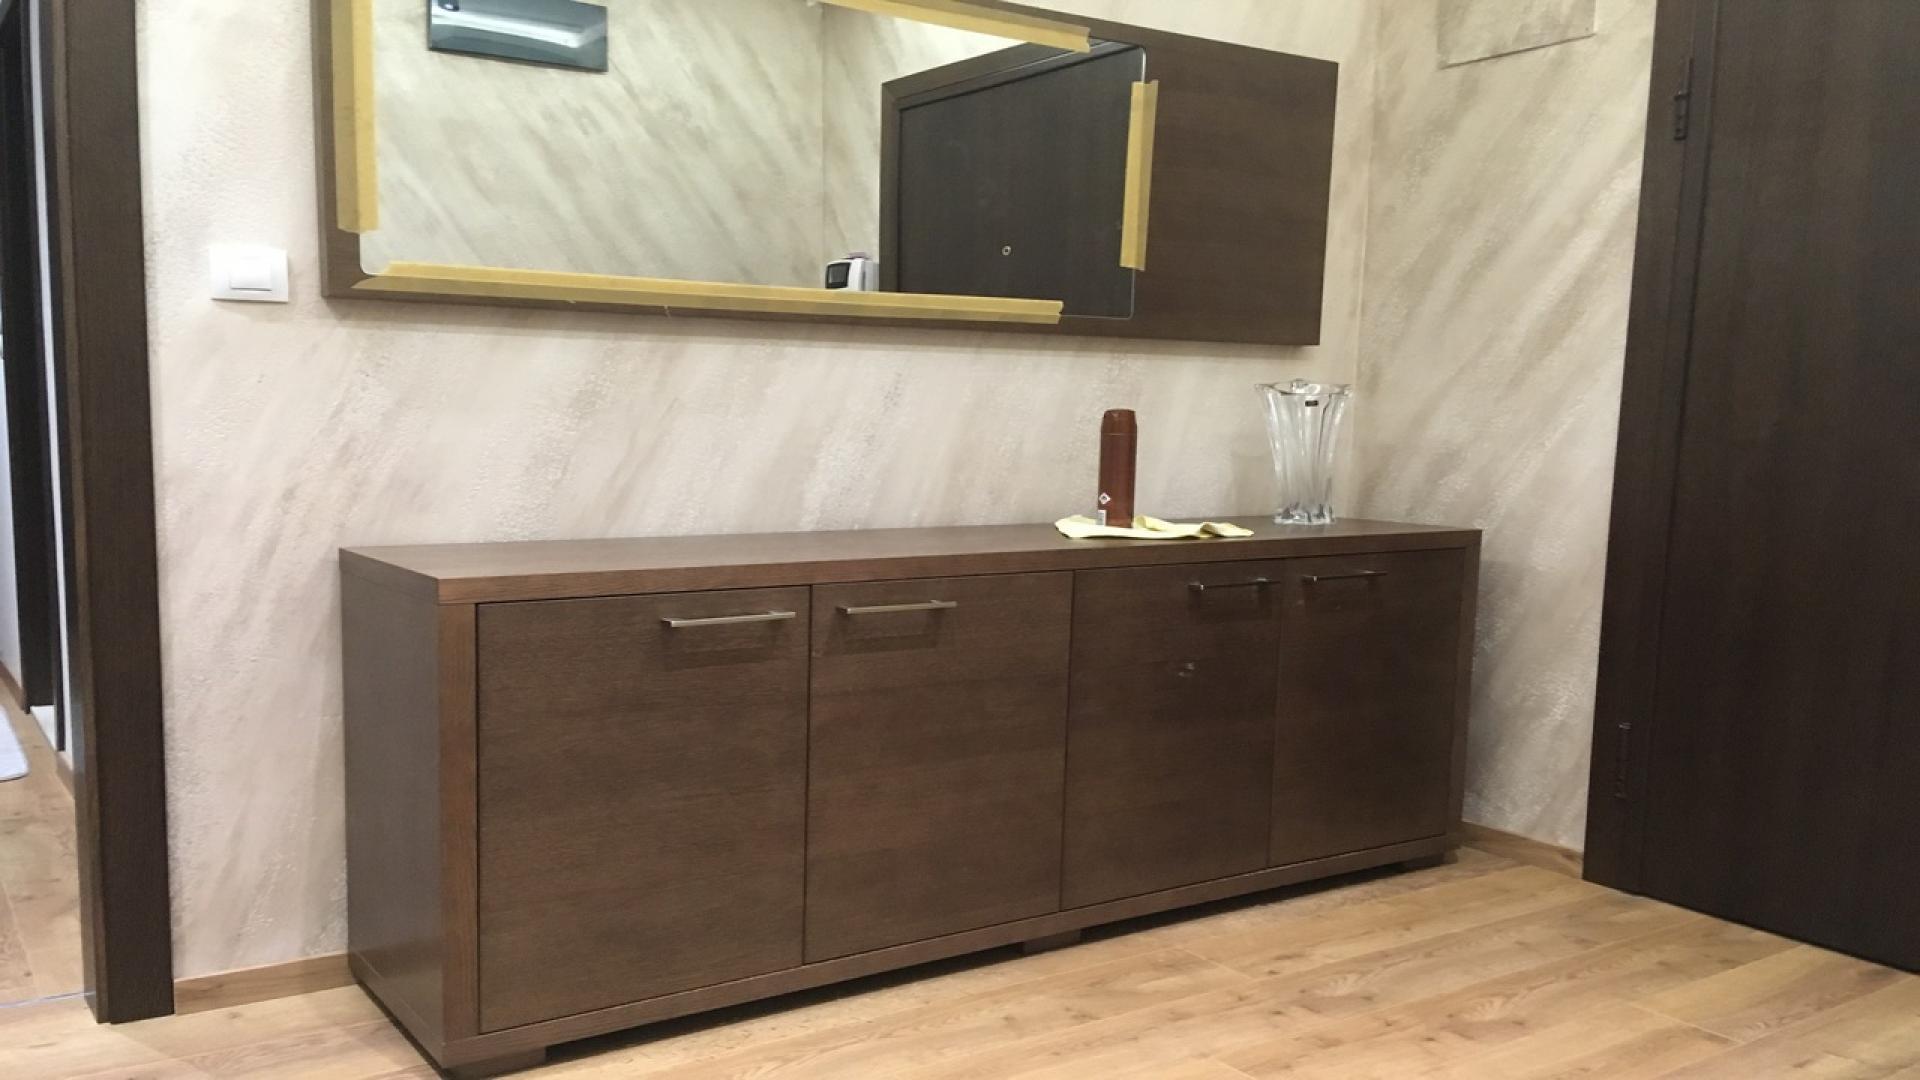 tv-shkaf-KN-po-proekt-furnish-design-1